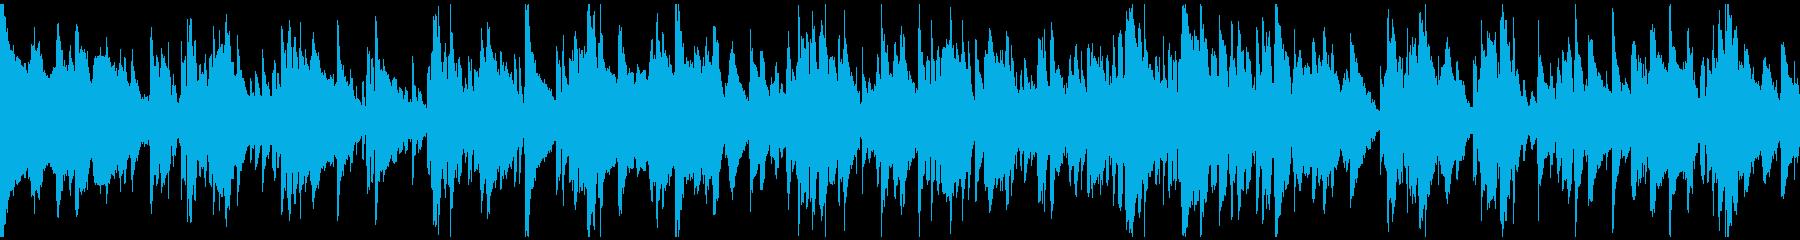 エロい艶めかしいサックス ※ループ仕様版の再生済みの波形